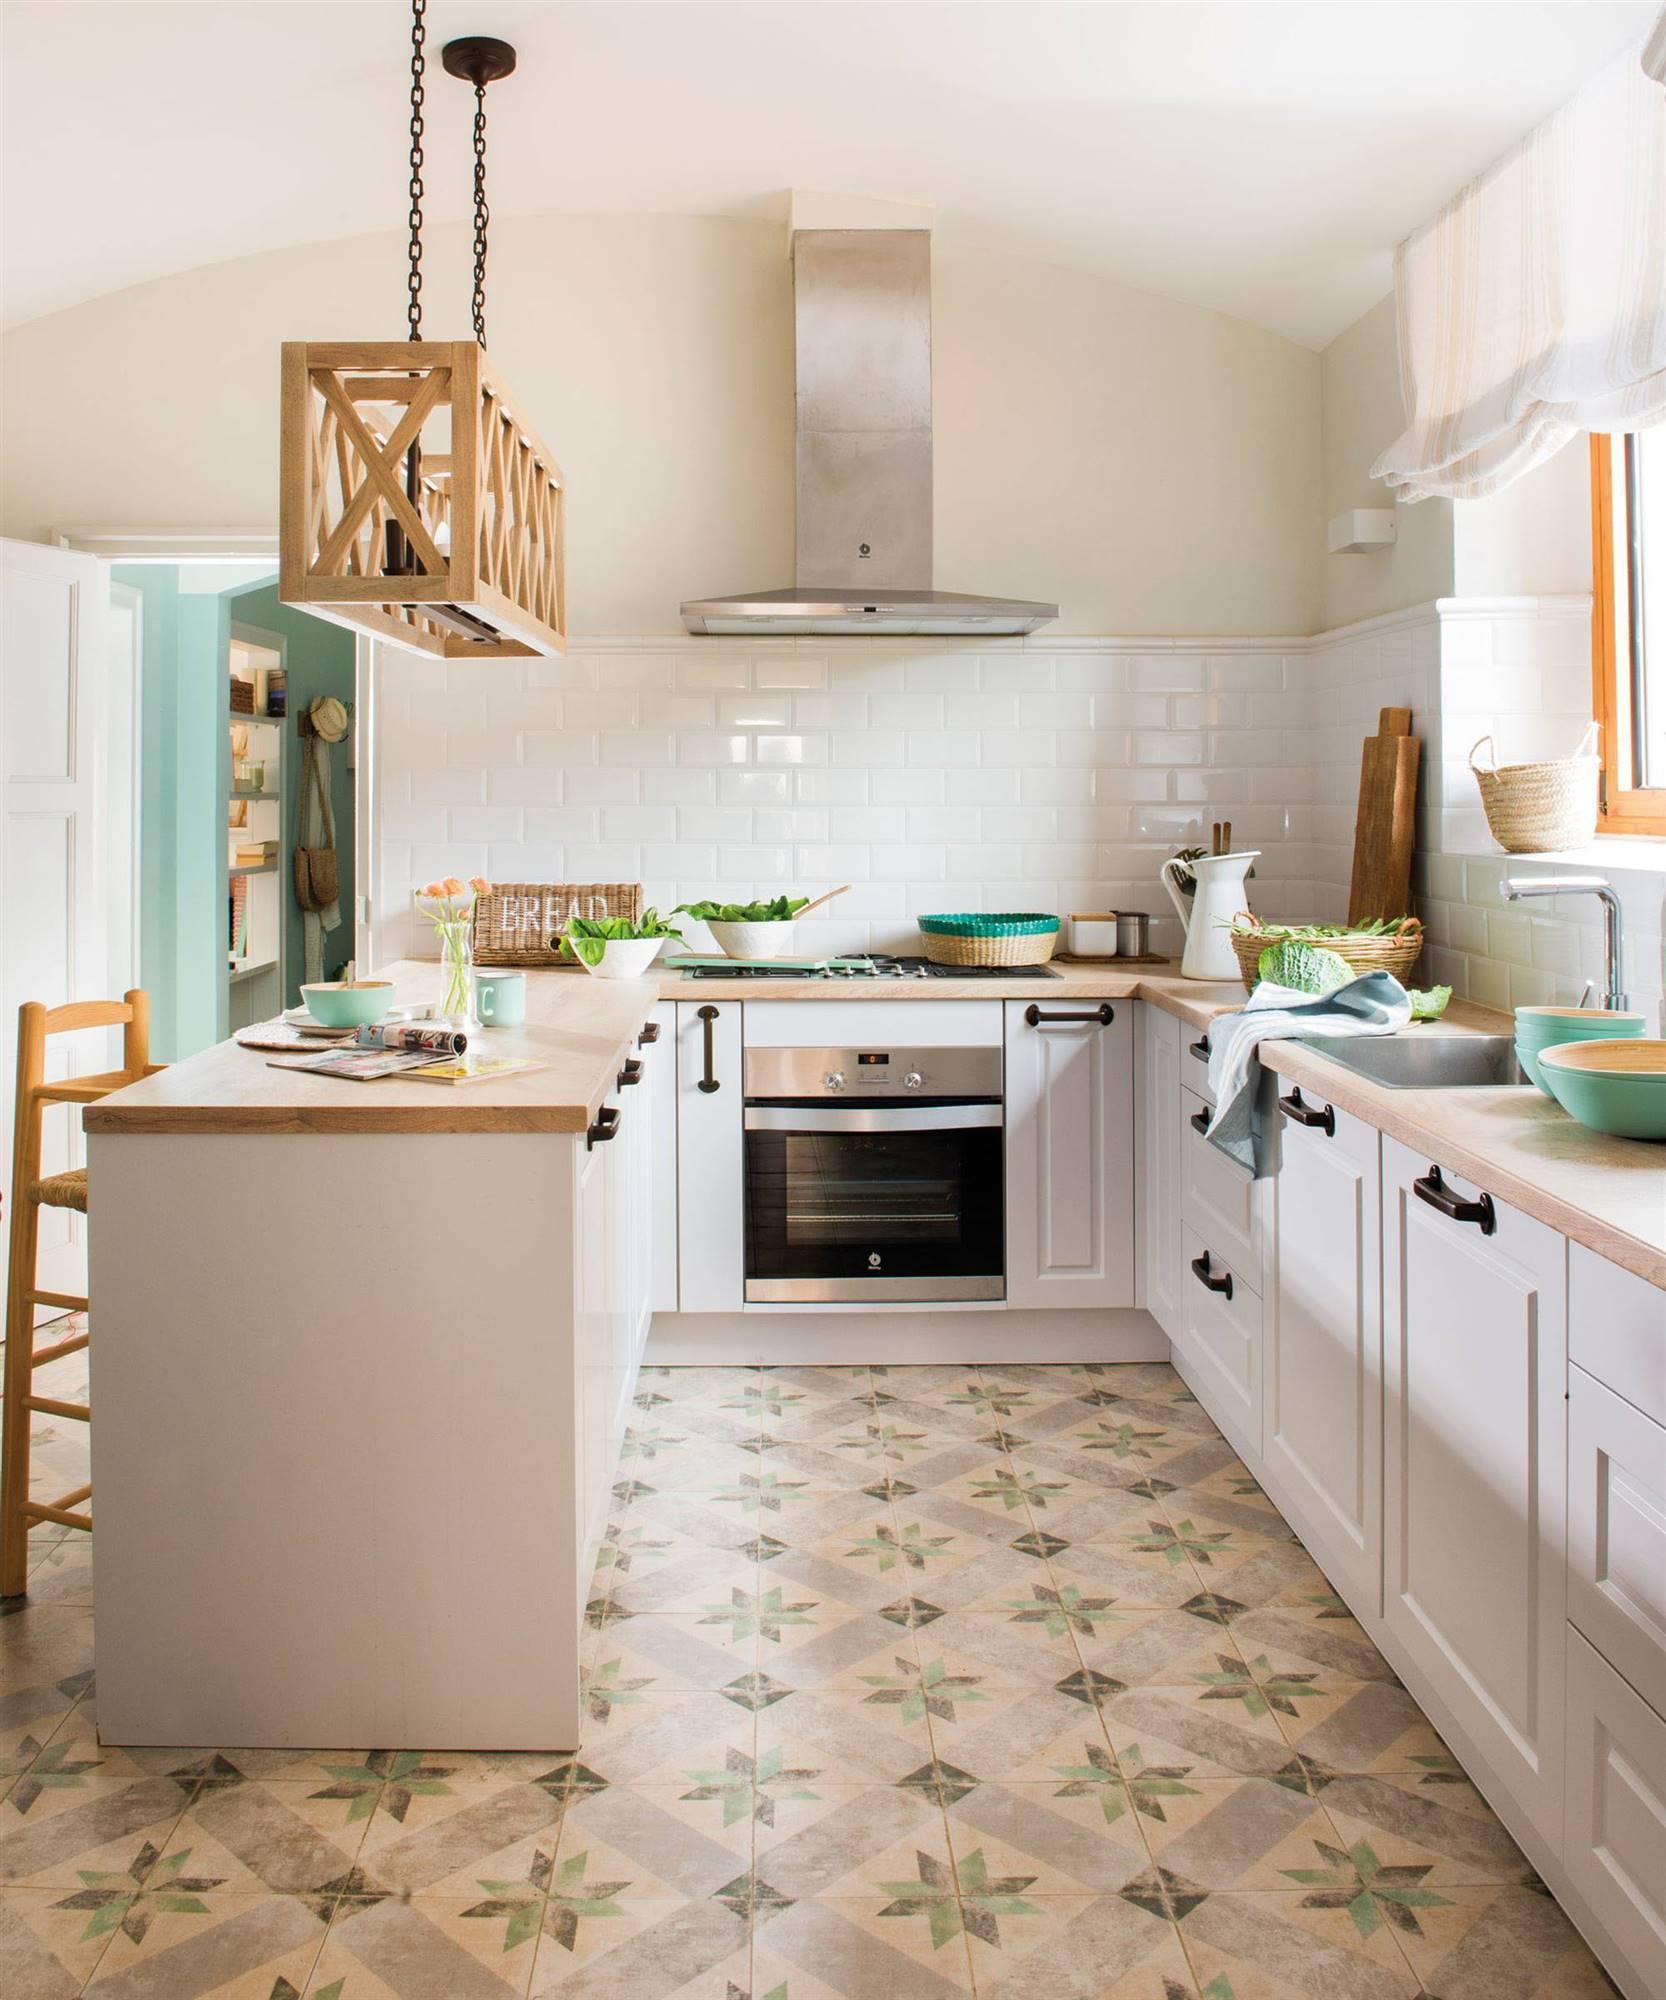 Muebles de cocina rsticos muebles cocina rusticos baratos - Suelos rusticos baratos ...